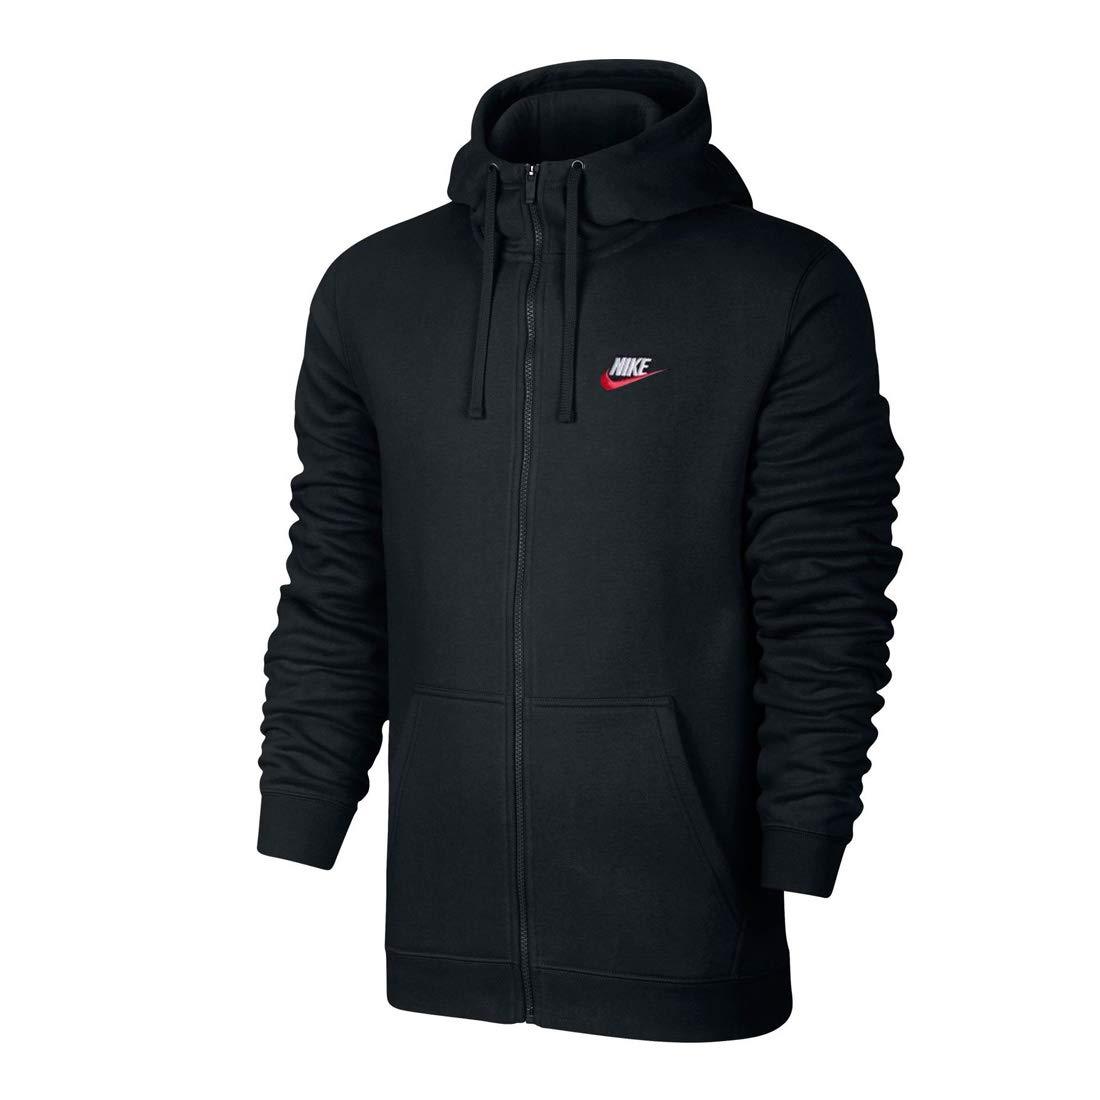 Nike Men Dry Full-Zip Hoody L//S Top Black Gray Training Hooded Tee Jacket 860466